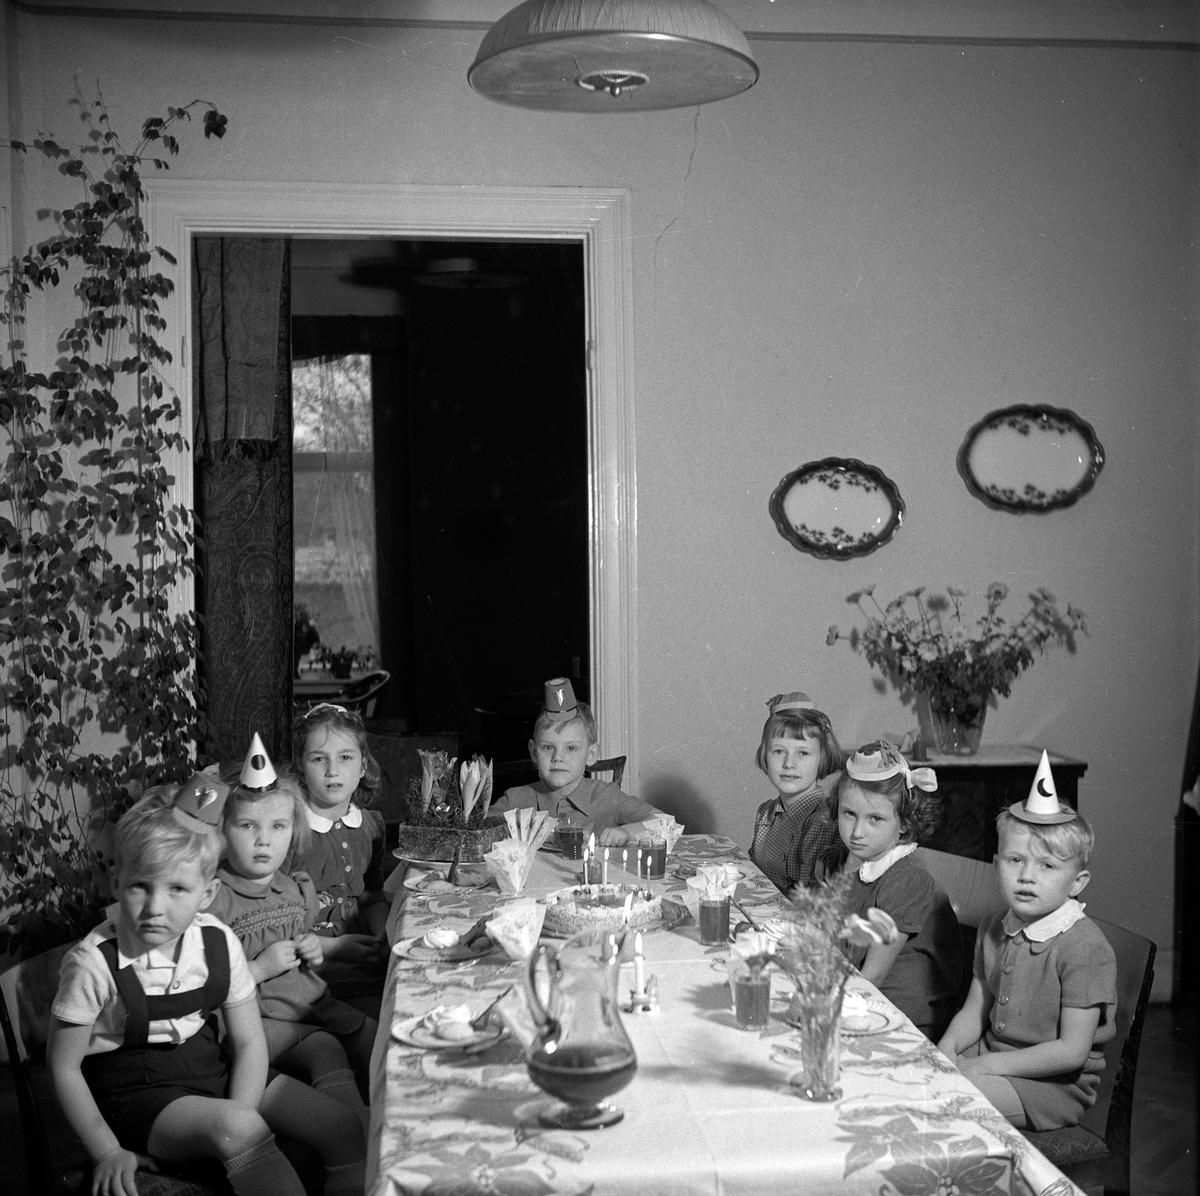 Barnen är på födelsedagskalas hos Olle Karlberg. Alla bodde på Kungsgatan 10. Huset ägdes av Jönköpings läns sparbank där även banken hade sina lokaler. Vid det dukade bordet längst fram från vänster sitter: Ulf Pettersson, Siv Pettersson, Karin Patzold, Olle Karlberg, Ingvor Lindahl, Monika Patzold och Jan Lindahl.